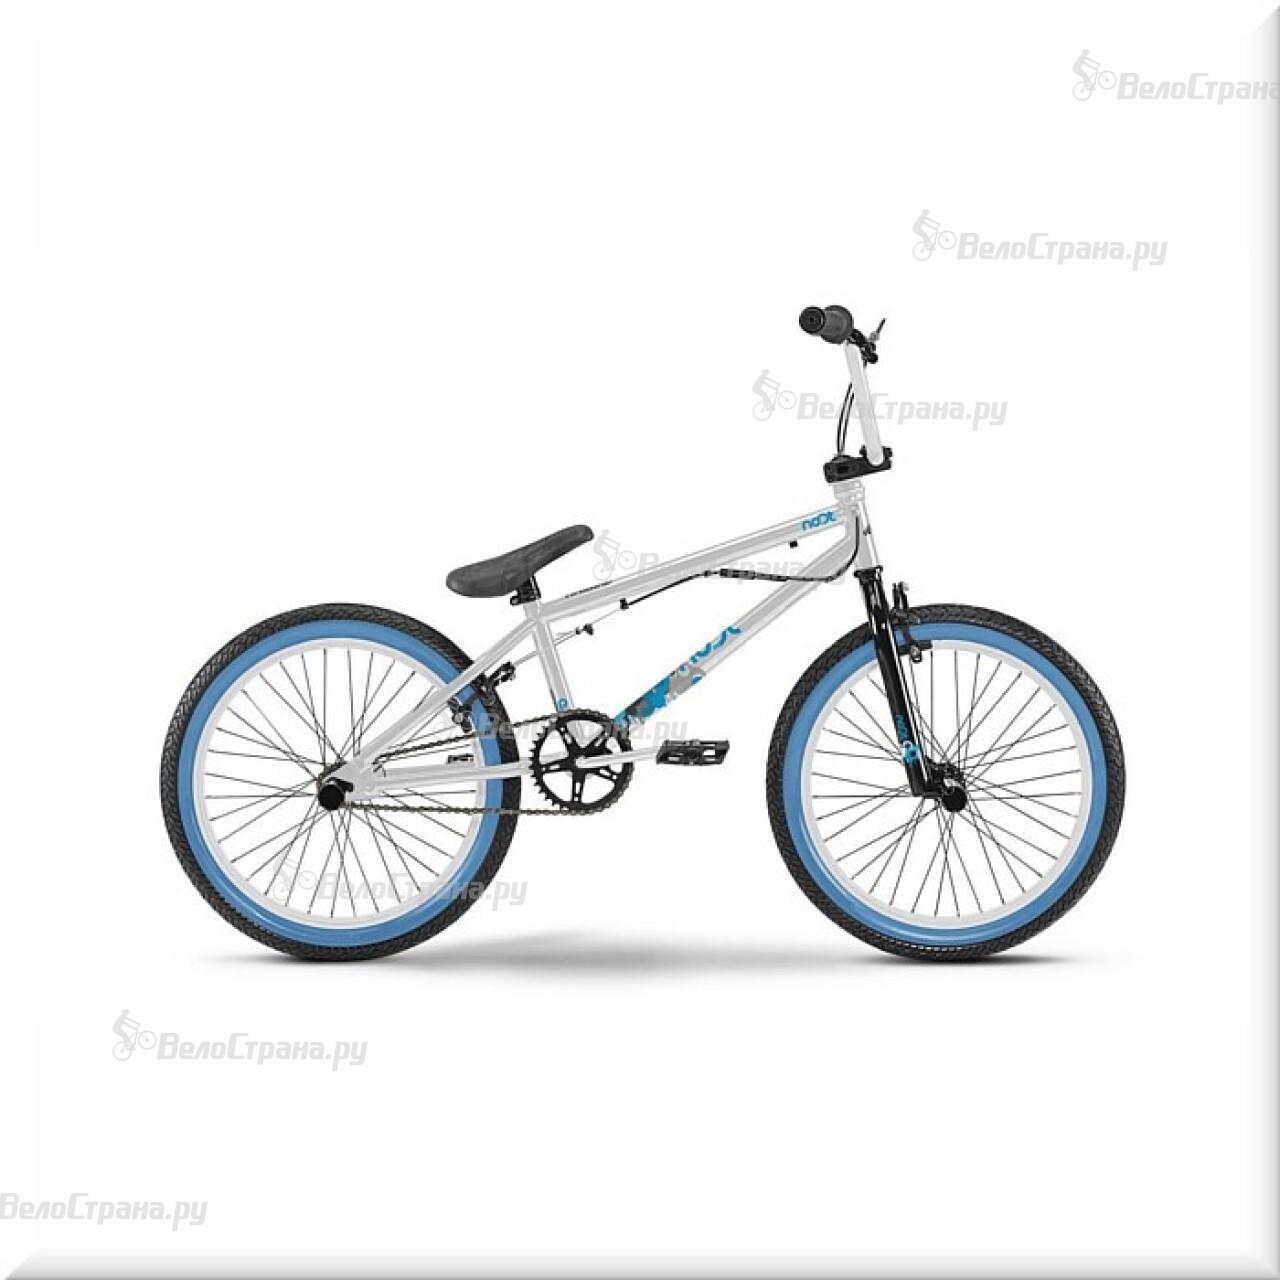 Велосипед Haibike Noot RC BMX (2014) велопокрышка czech republic road bmx 20x2 20